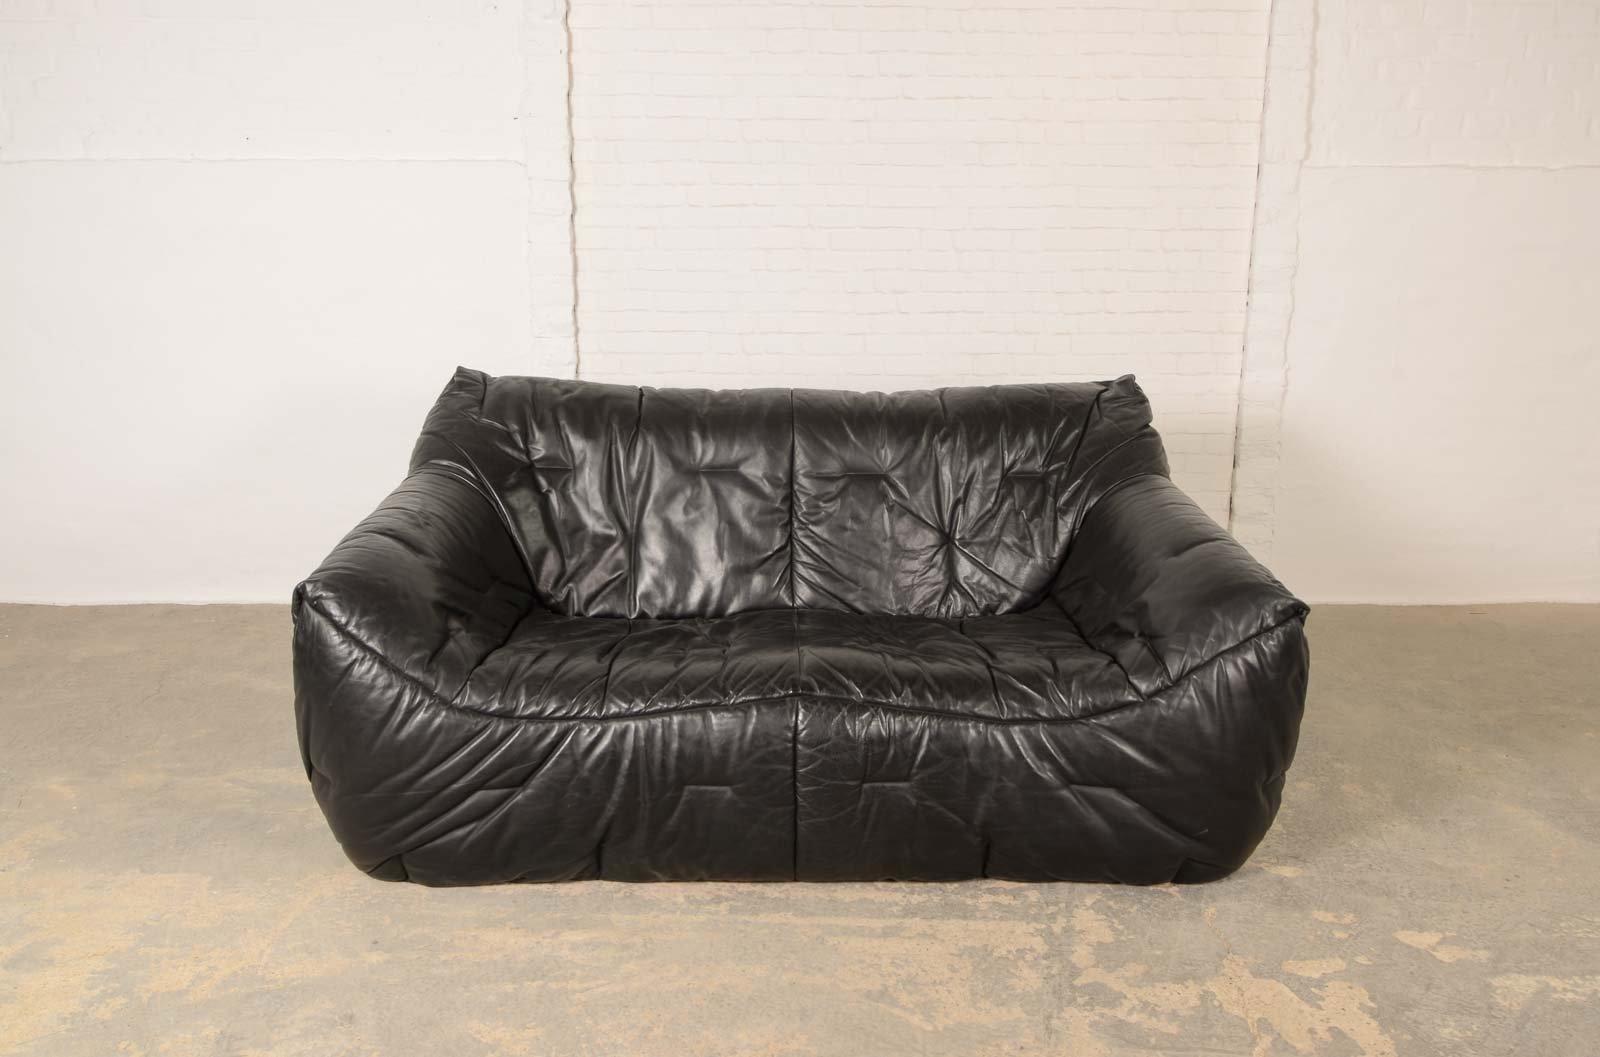 Schwarzes vintage leder sofa aus weichem schaumstoff von hans hopfer